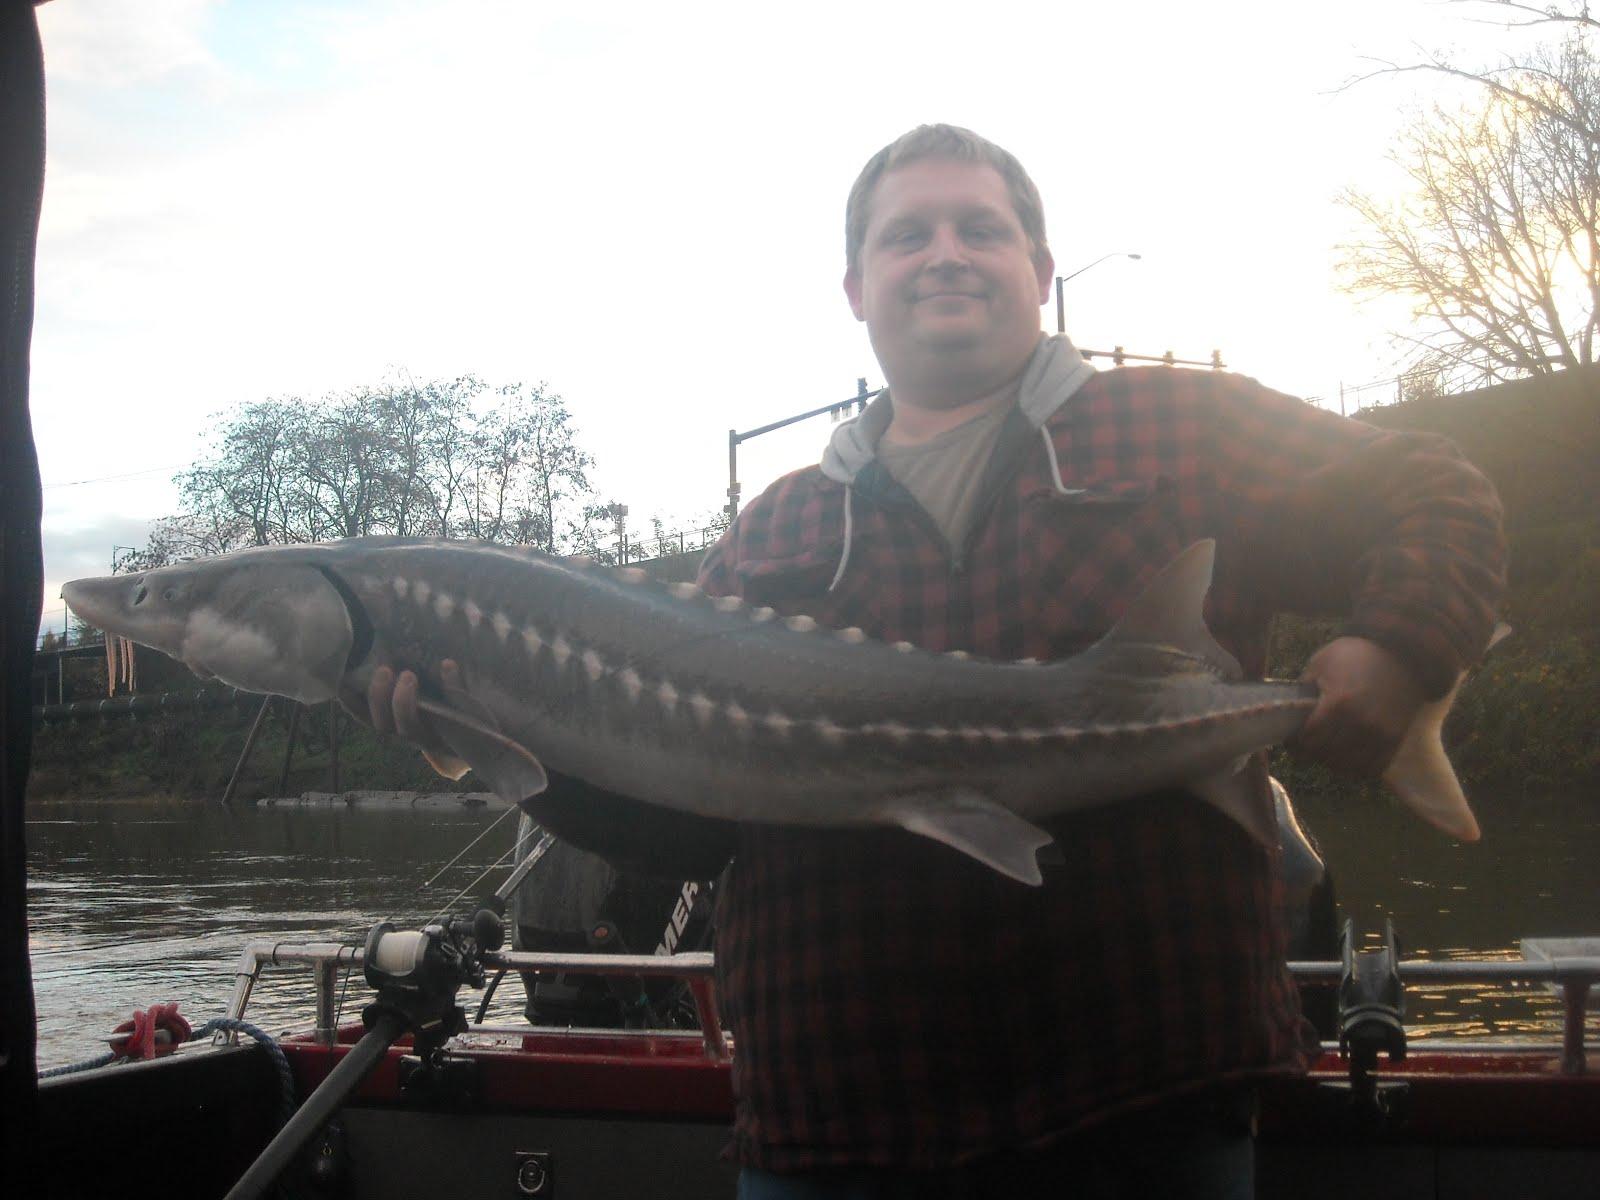 Sturgeon fishing fall sturgeon report for Sturgeon fishing report